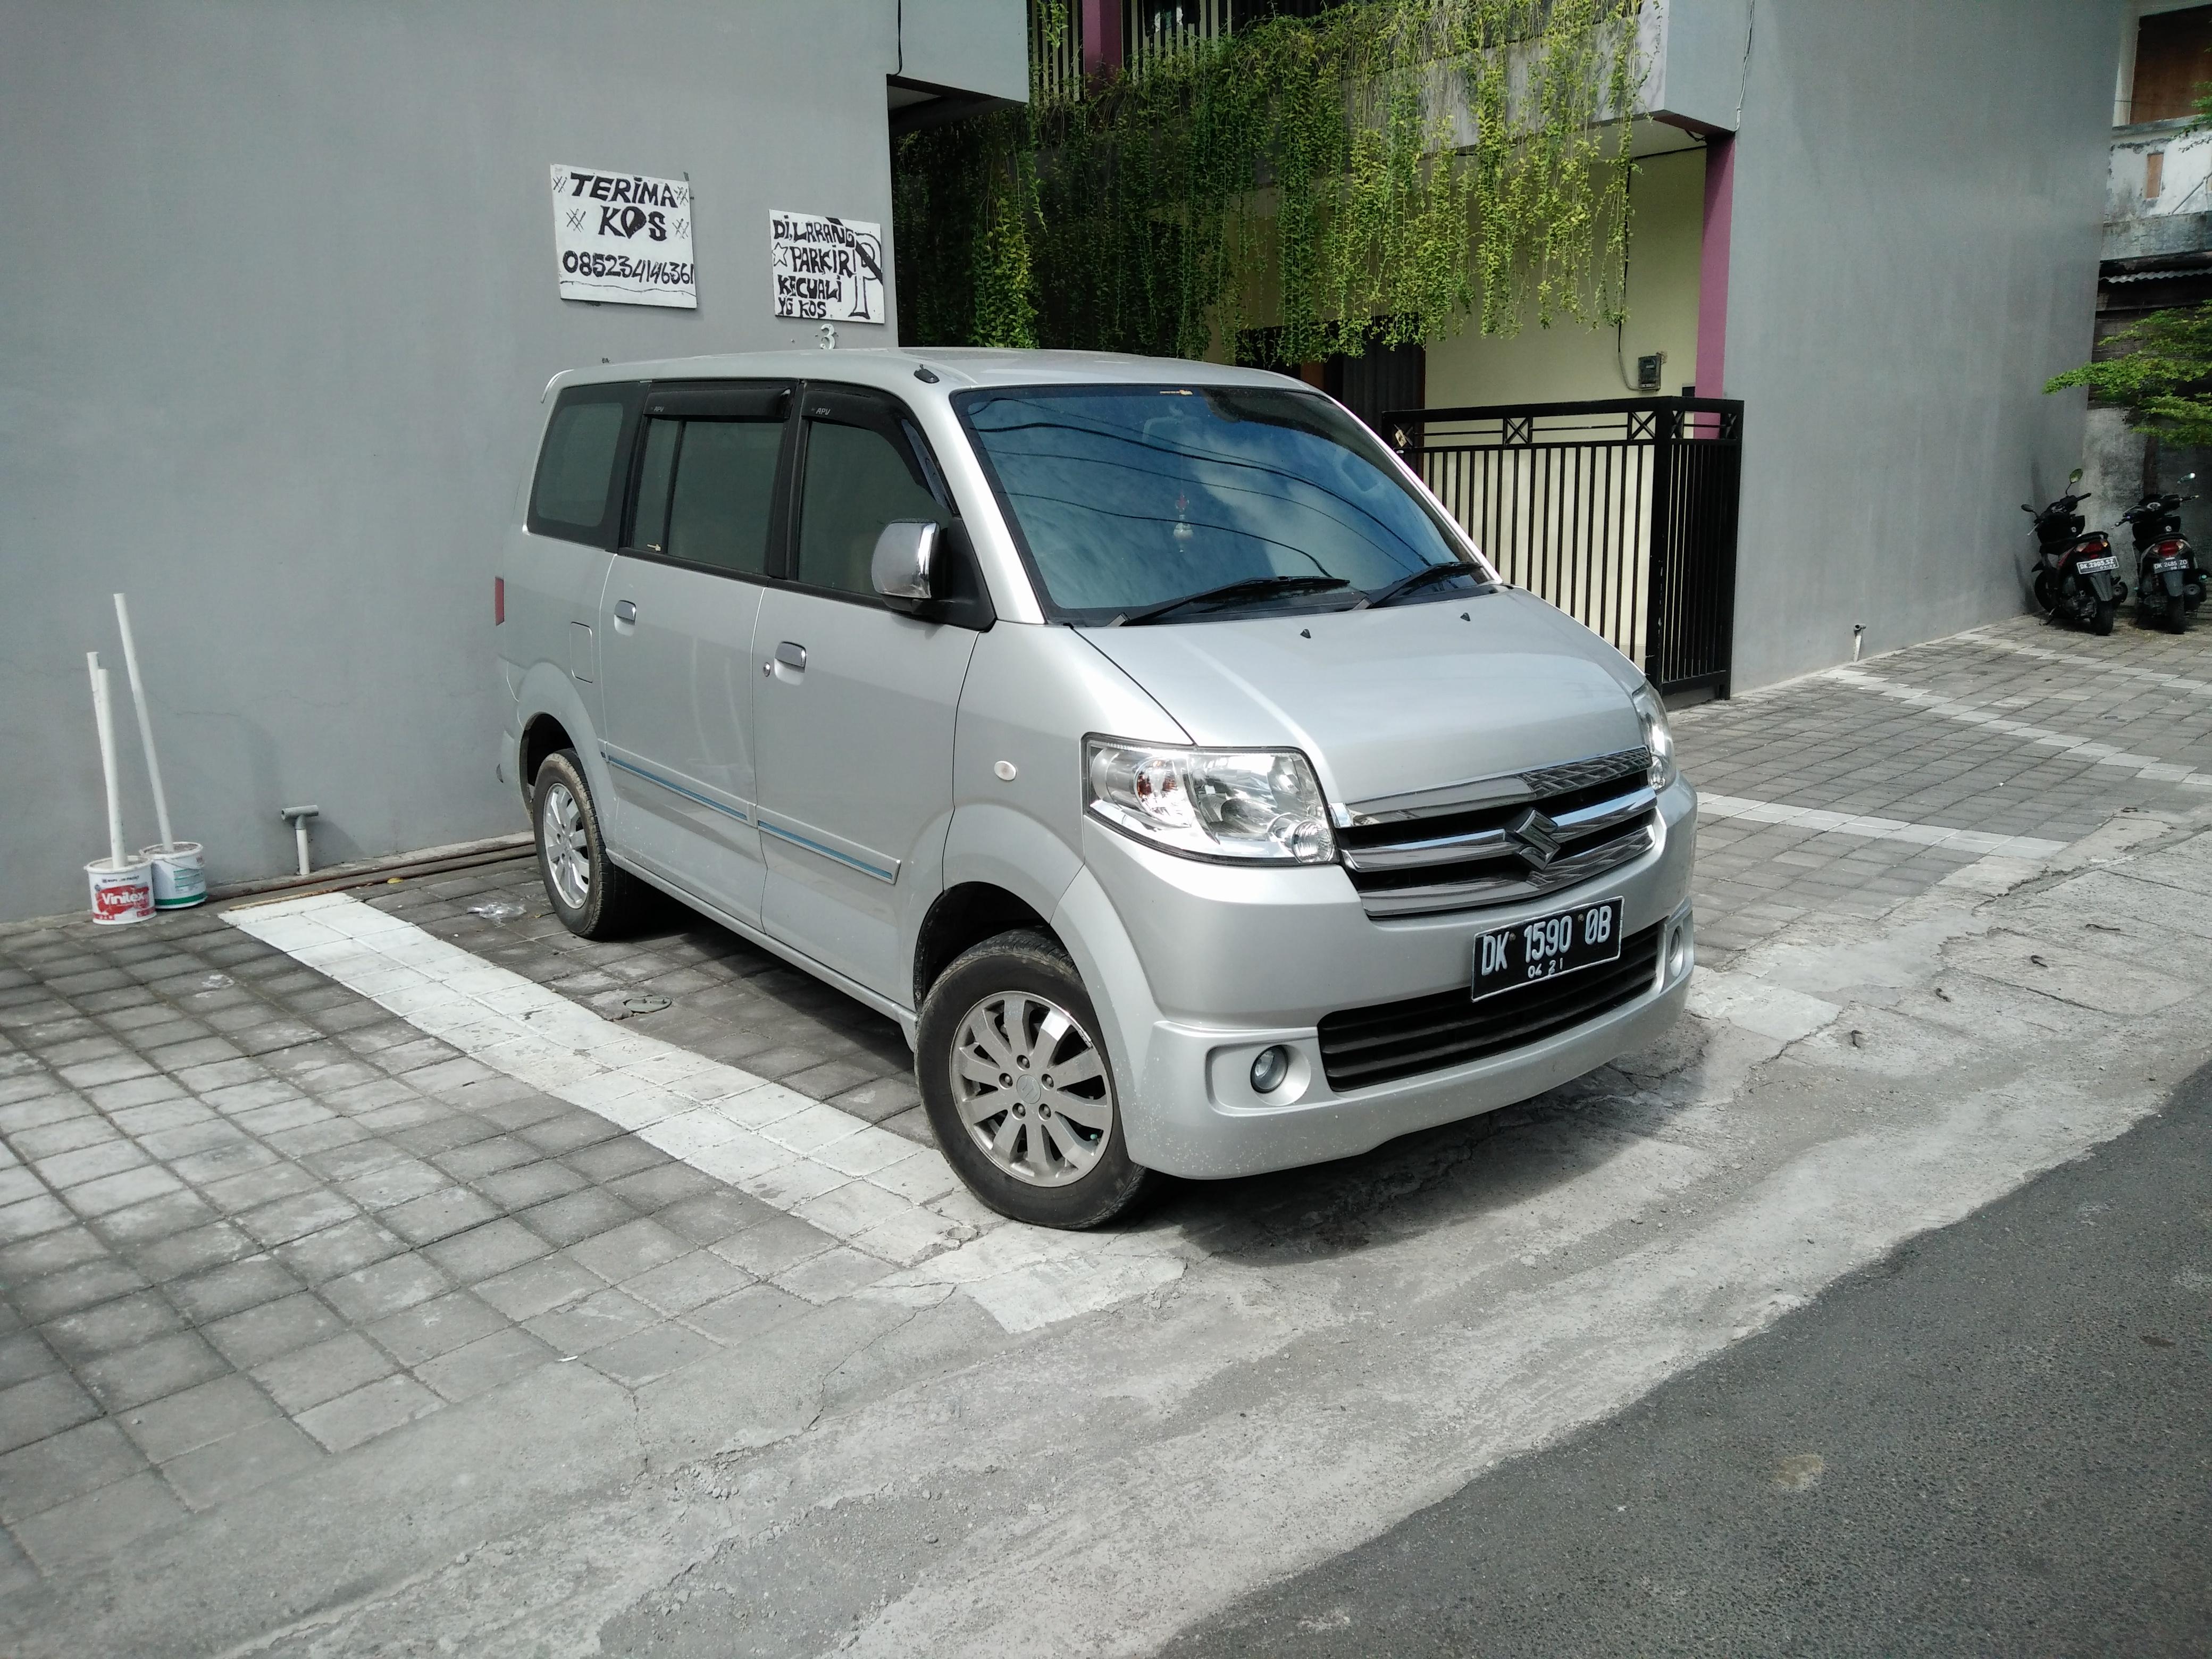 File:Suzuki APV Arena SGX, Jimbaran.jpg